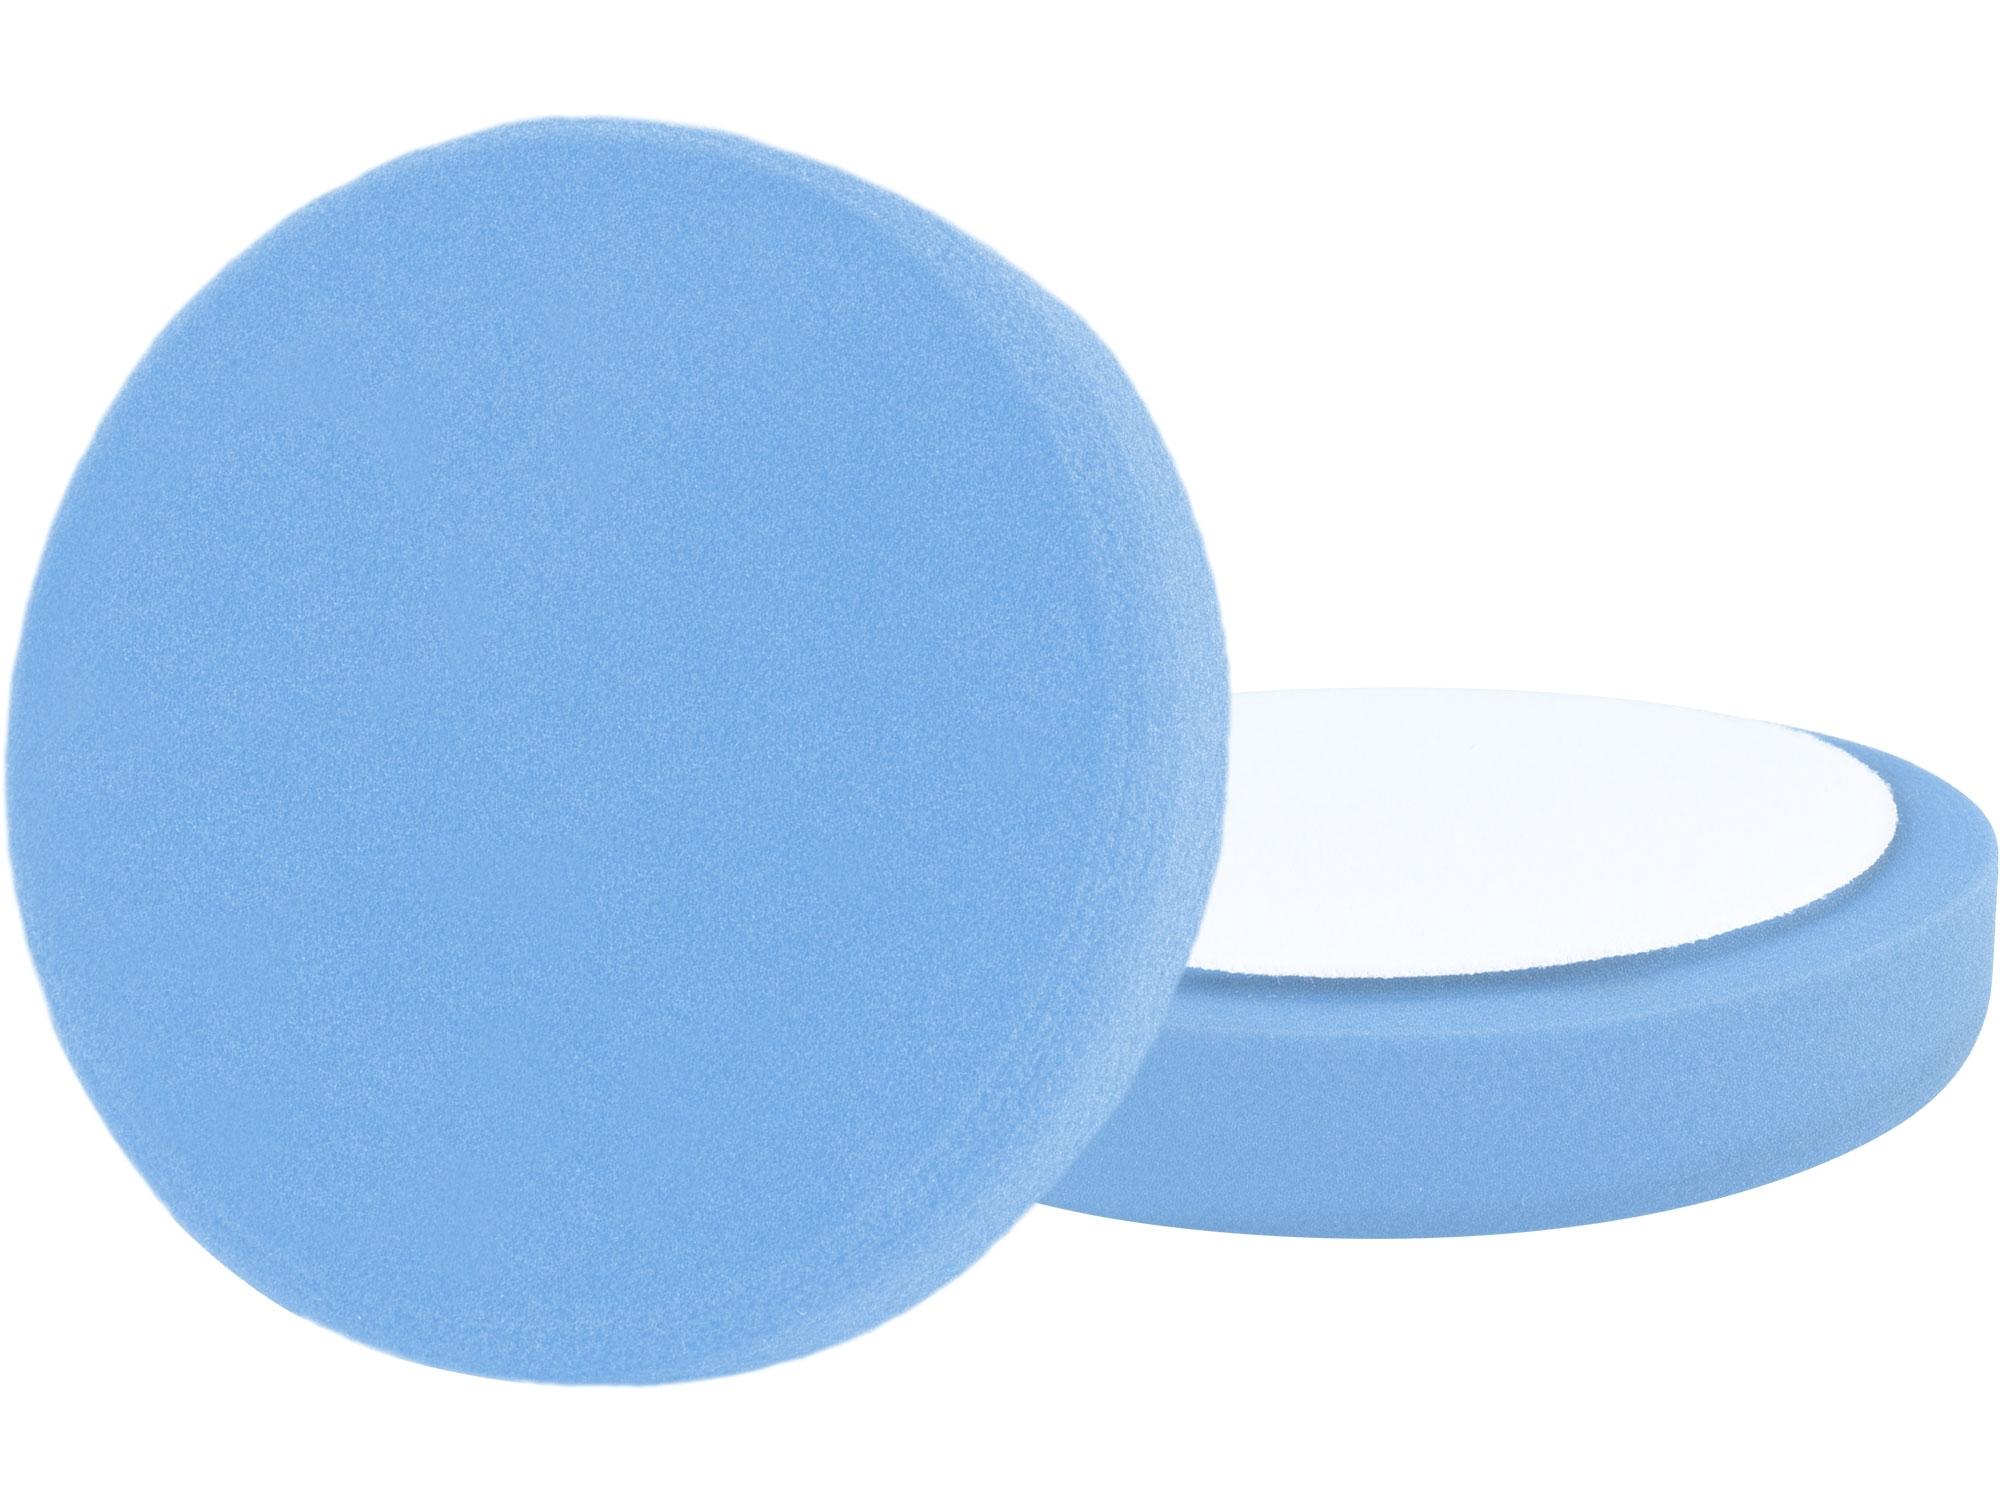 kotouč leštící pěnový, T60, modrý, ⌀150x30mm, suchý zip ⌀125mm